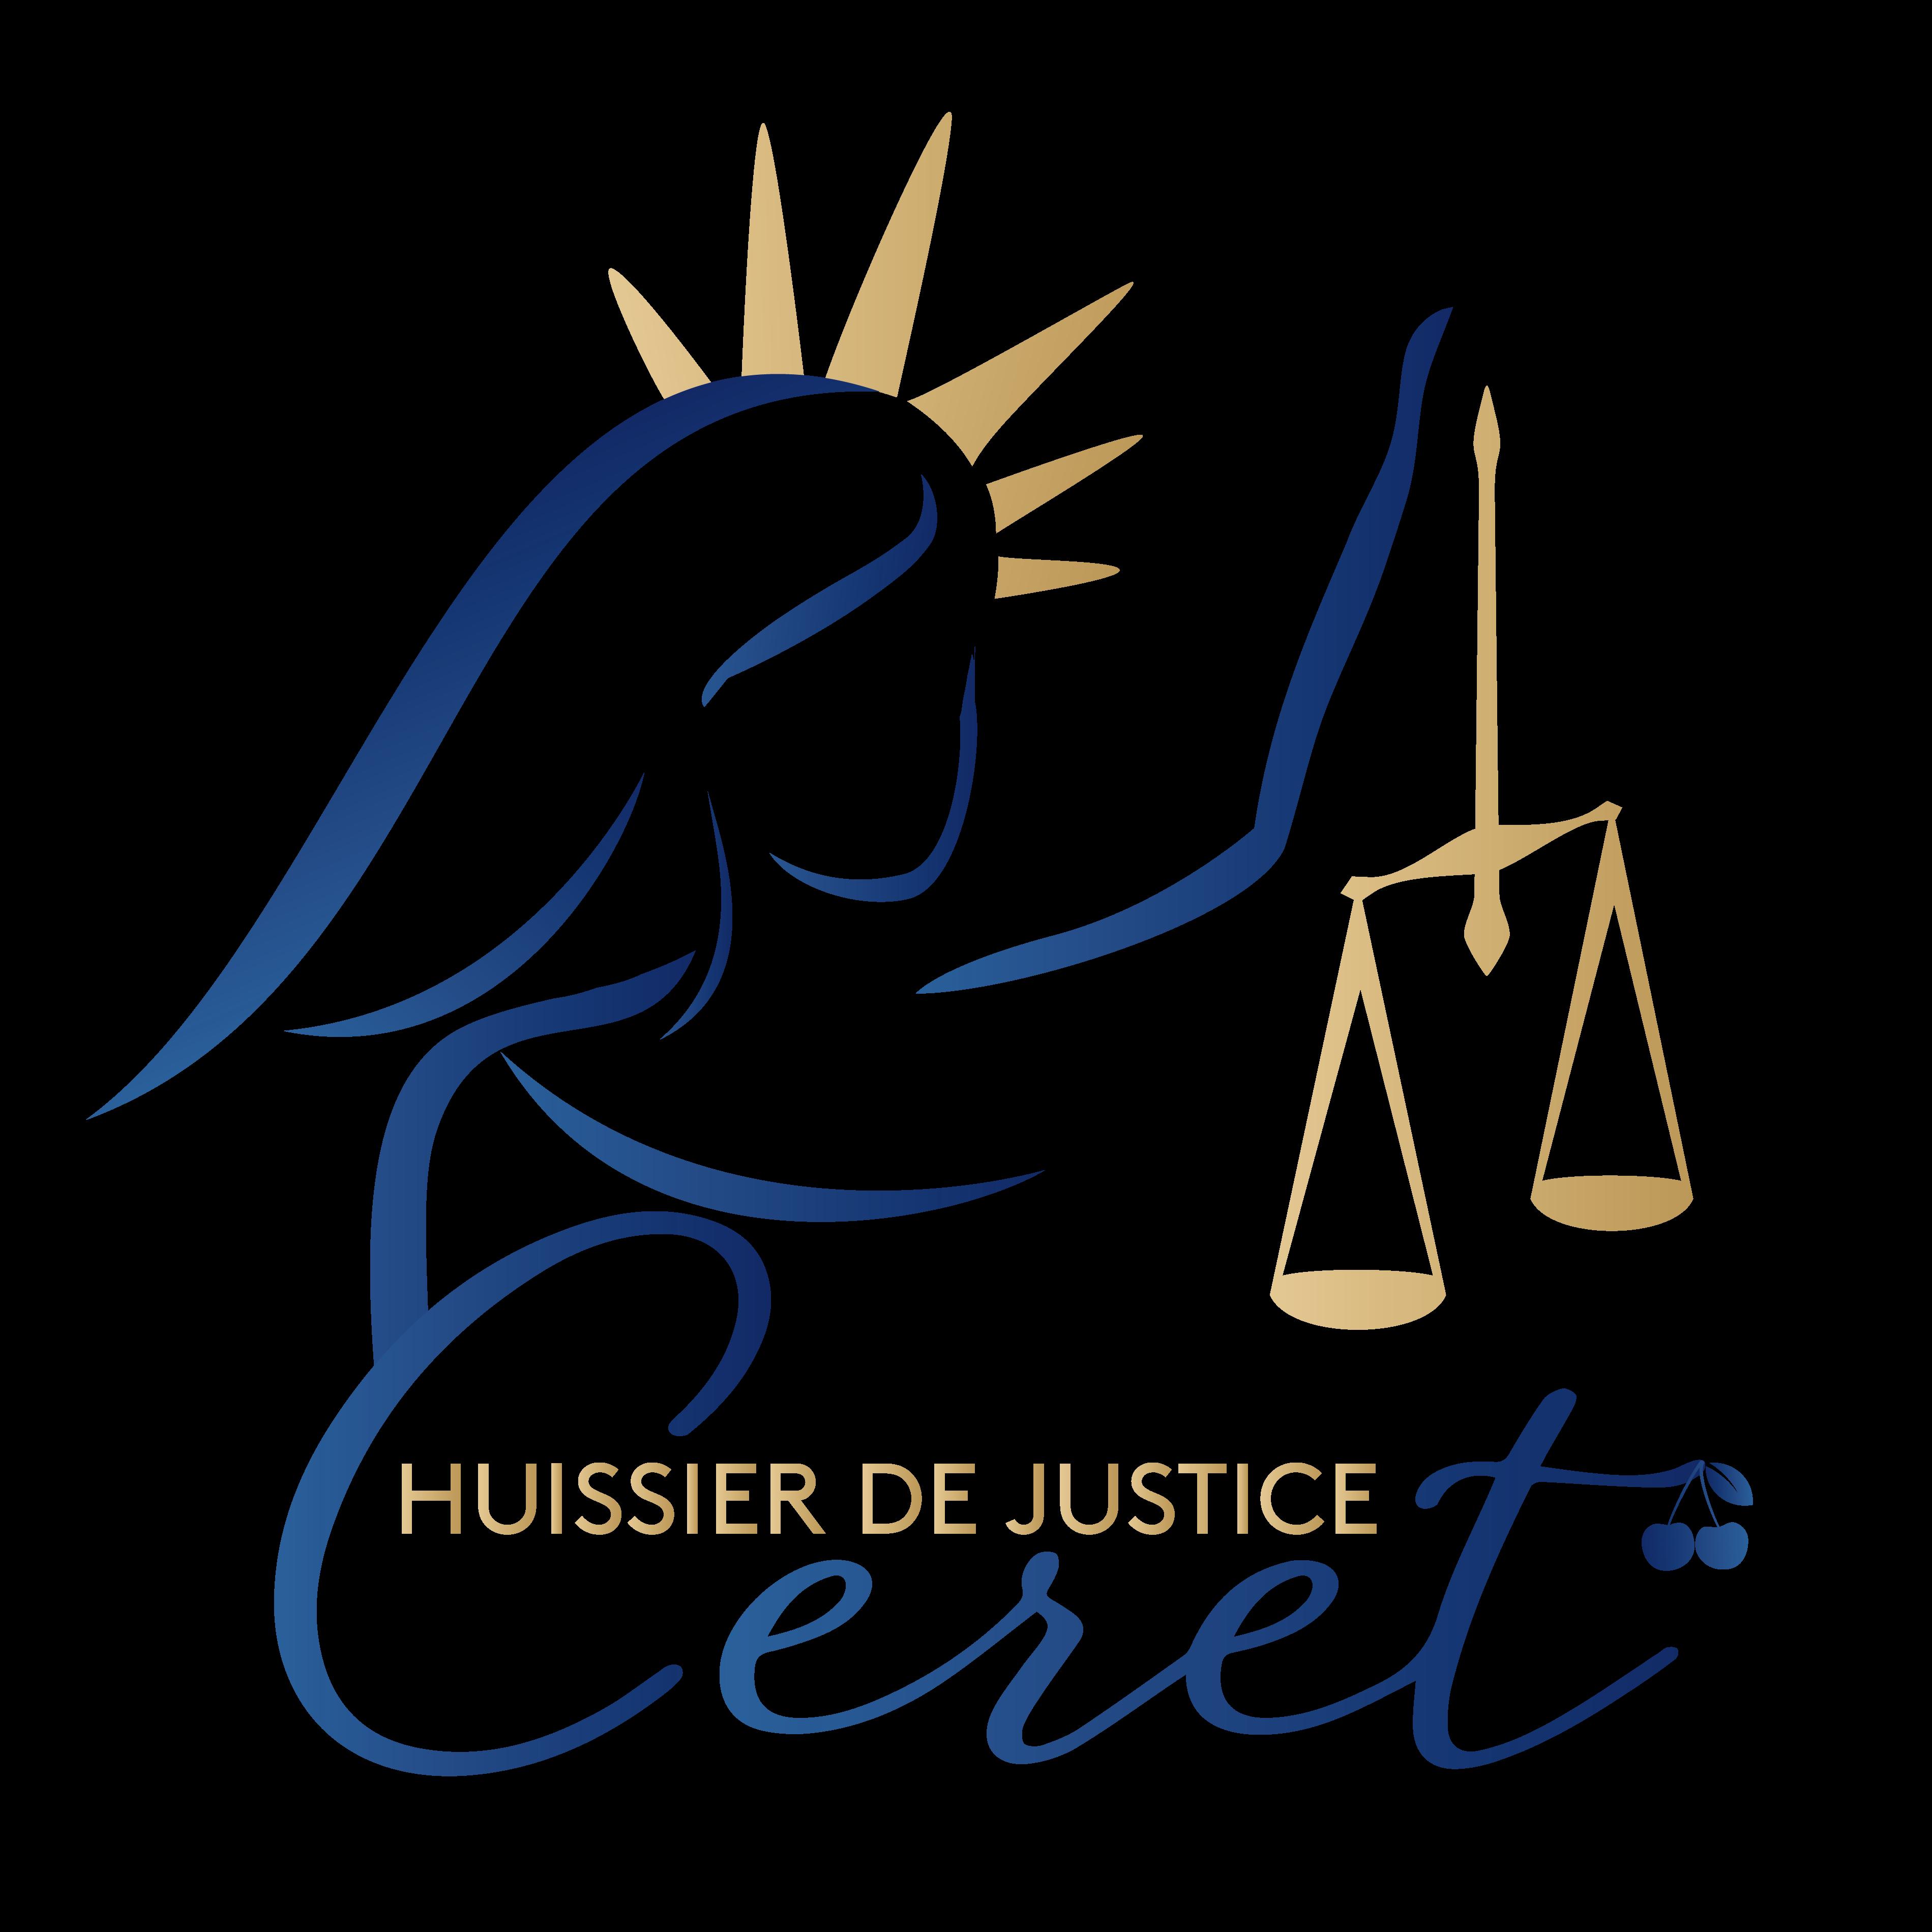 Huissier de Justice à Ceret